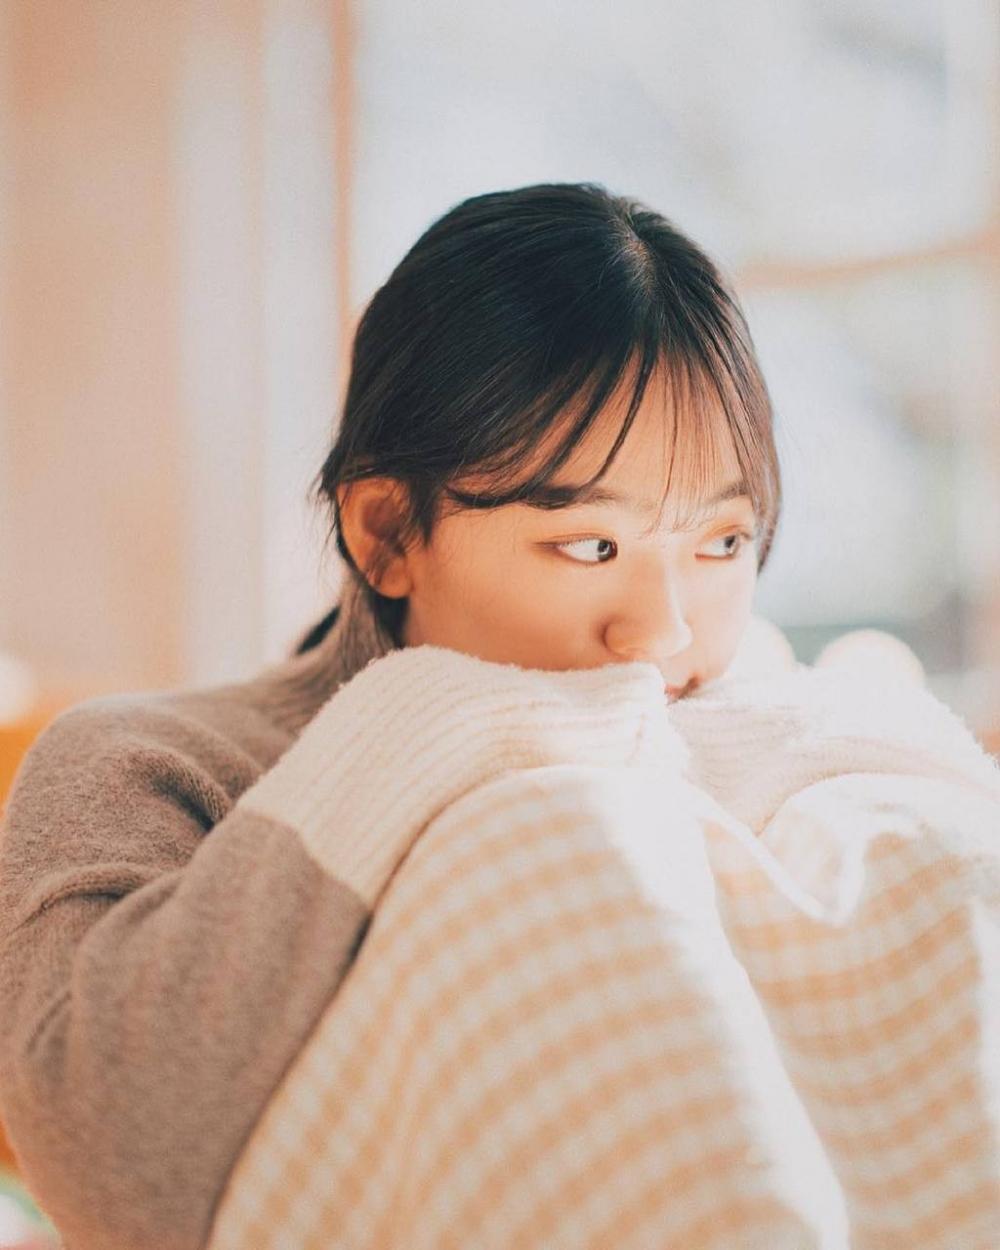 可爱嫩白美女萝莉空气刘海清澈杏眼个人艺术写真